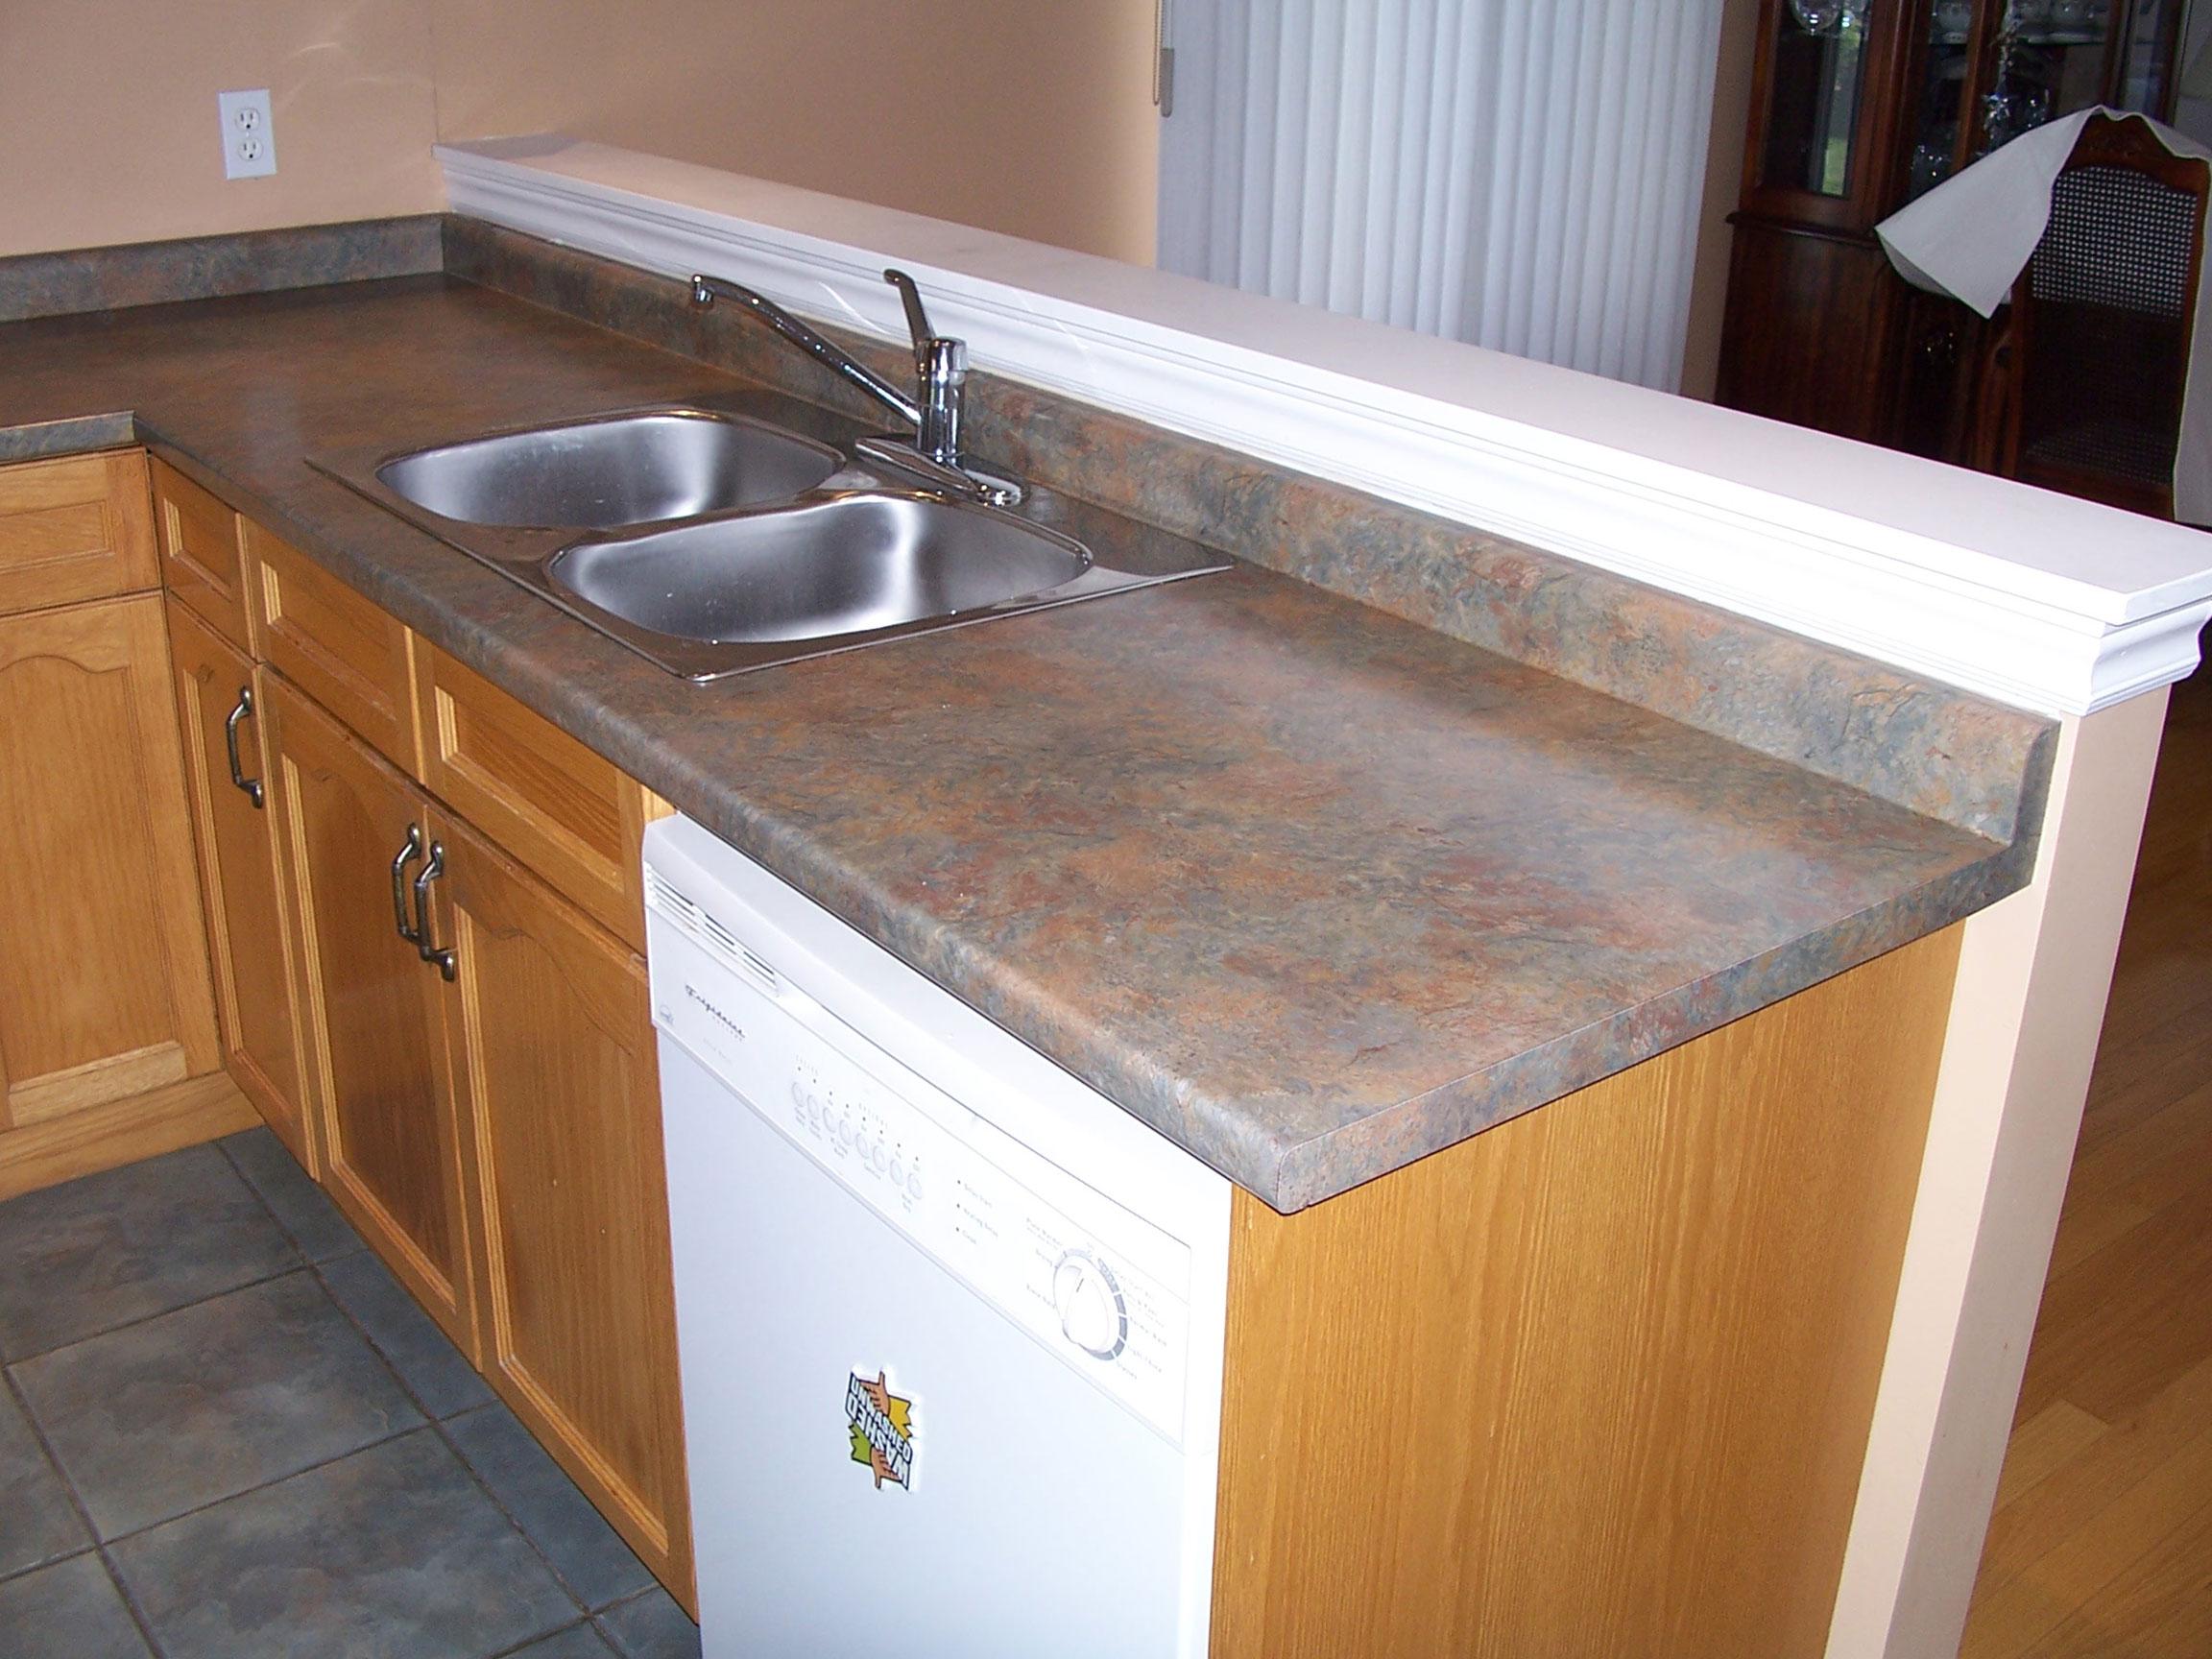 Kitchen Sink View Before